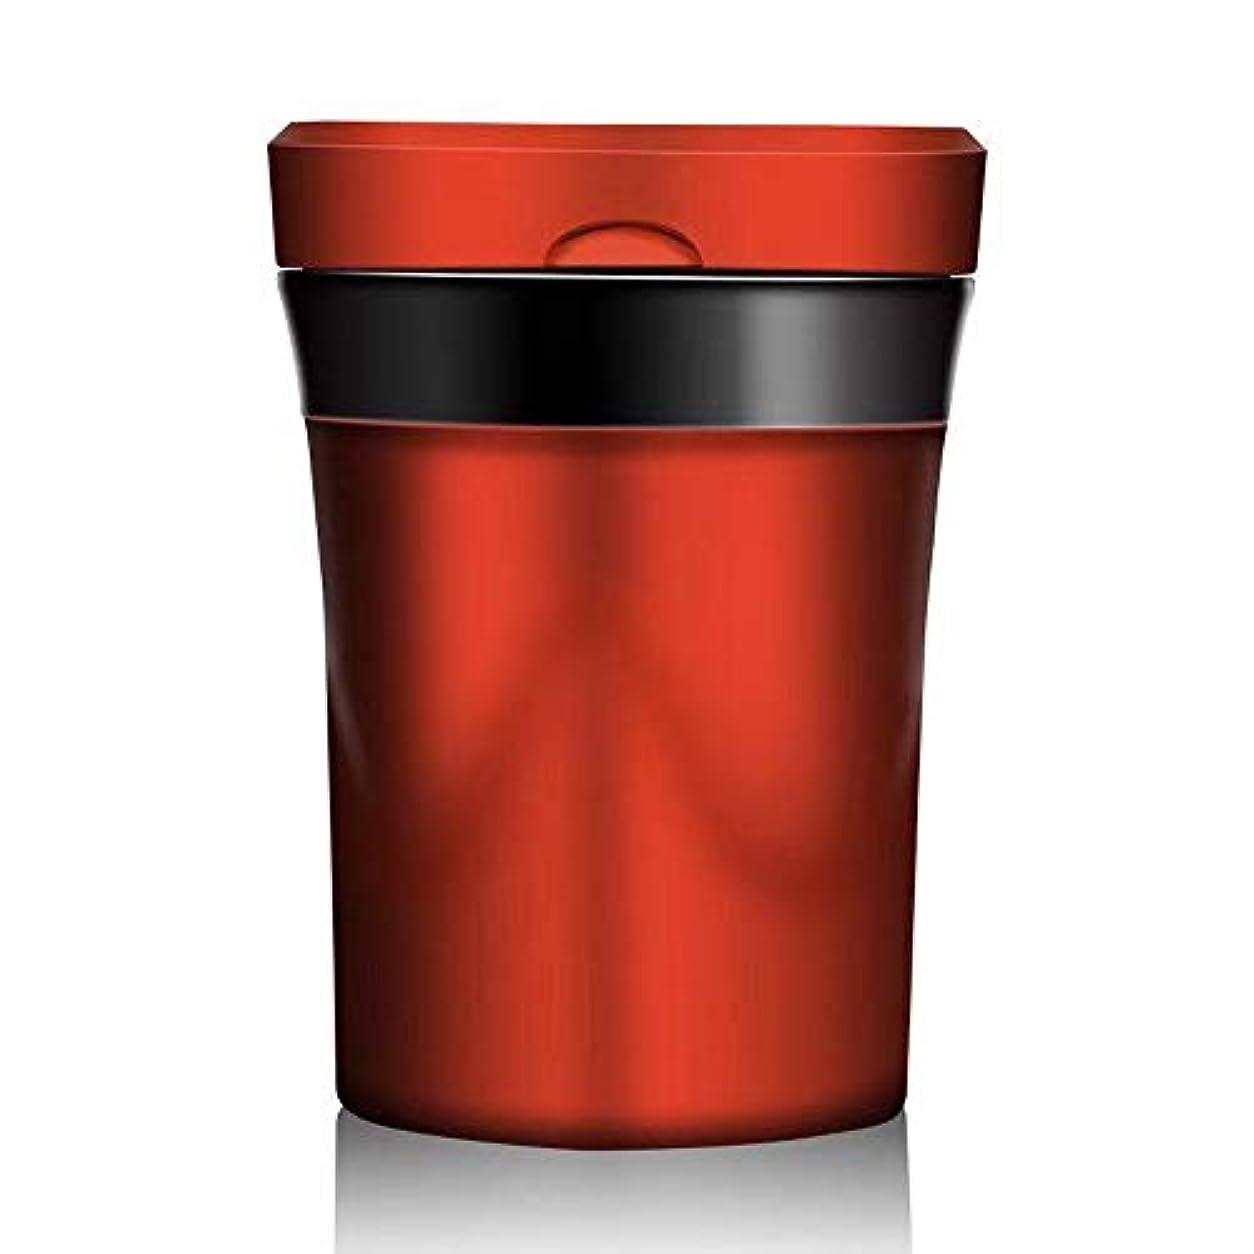 コンプライアンスお風呂第九ふた2色の選択が付いている車の灰皿の創造的な屋外の灰皿 (色 : 赤)